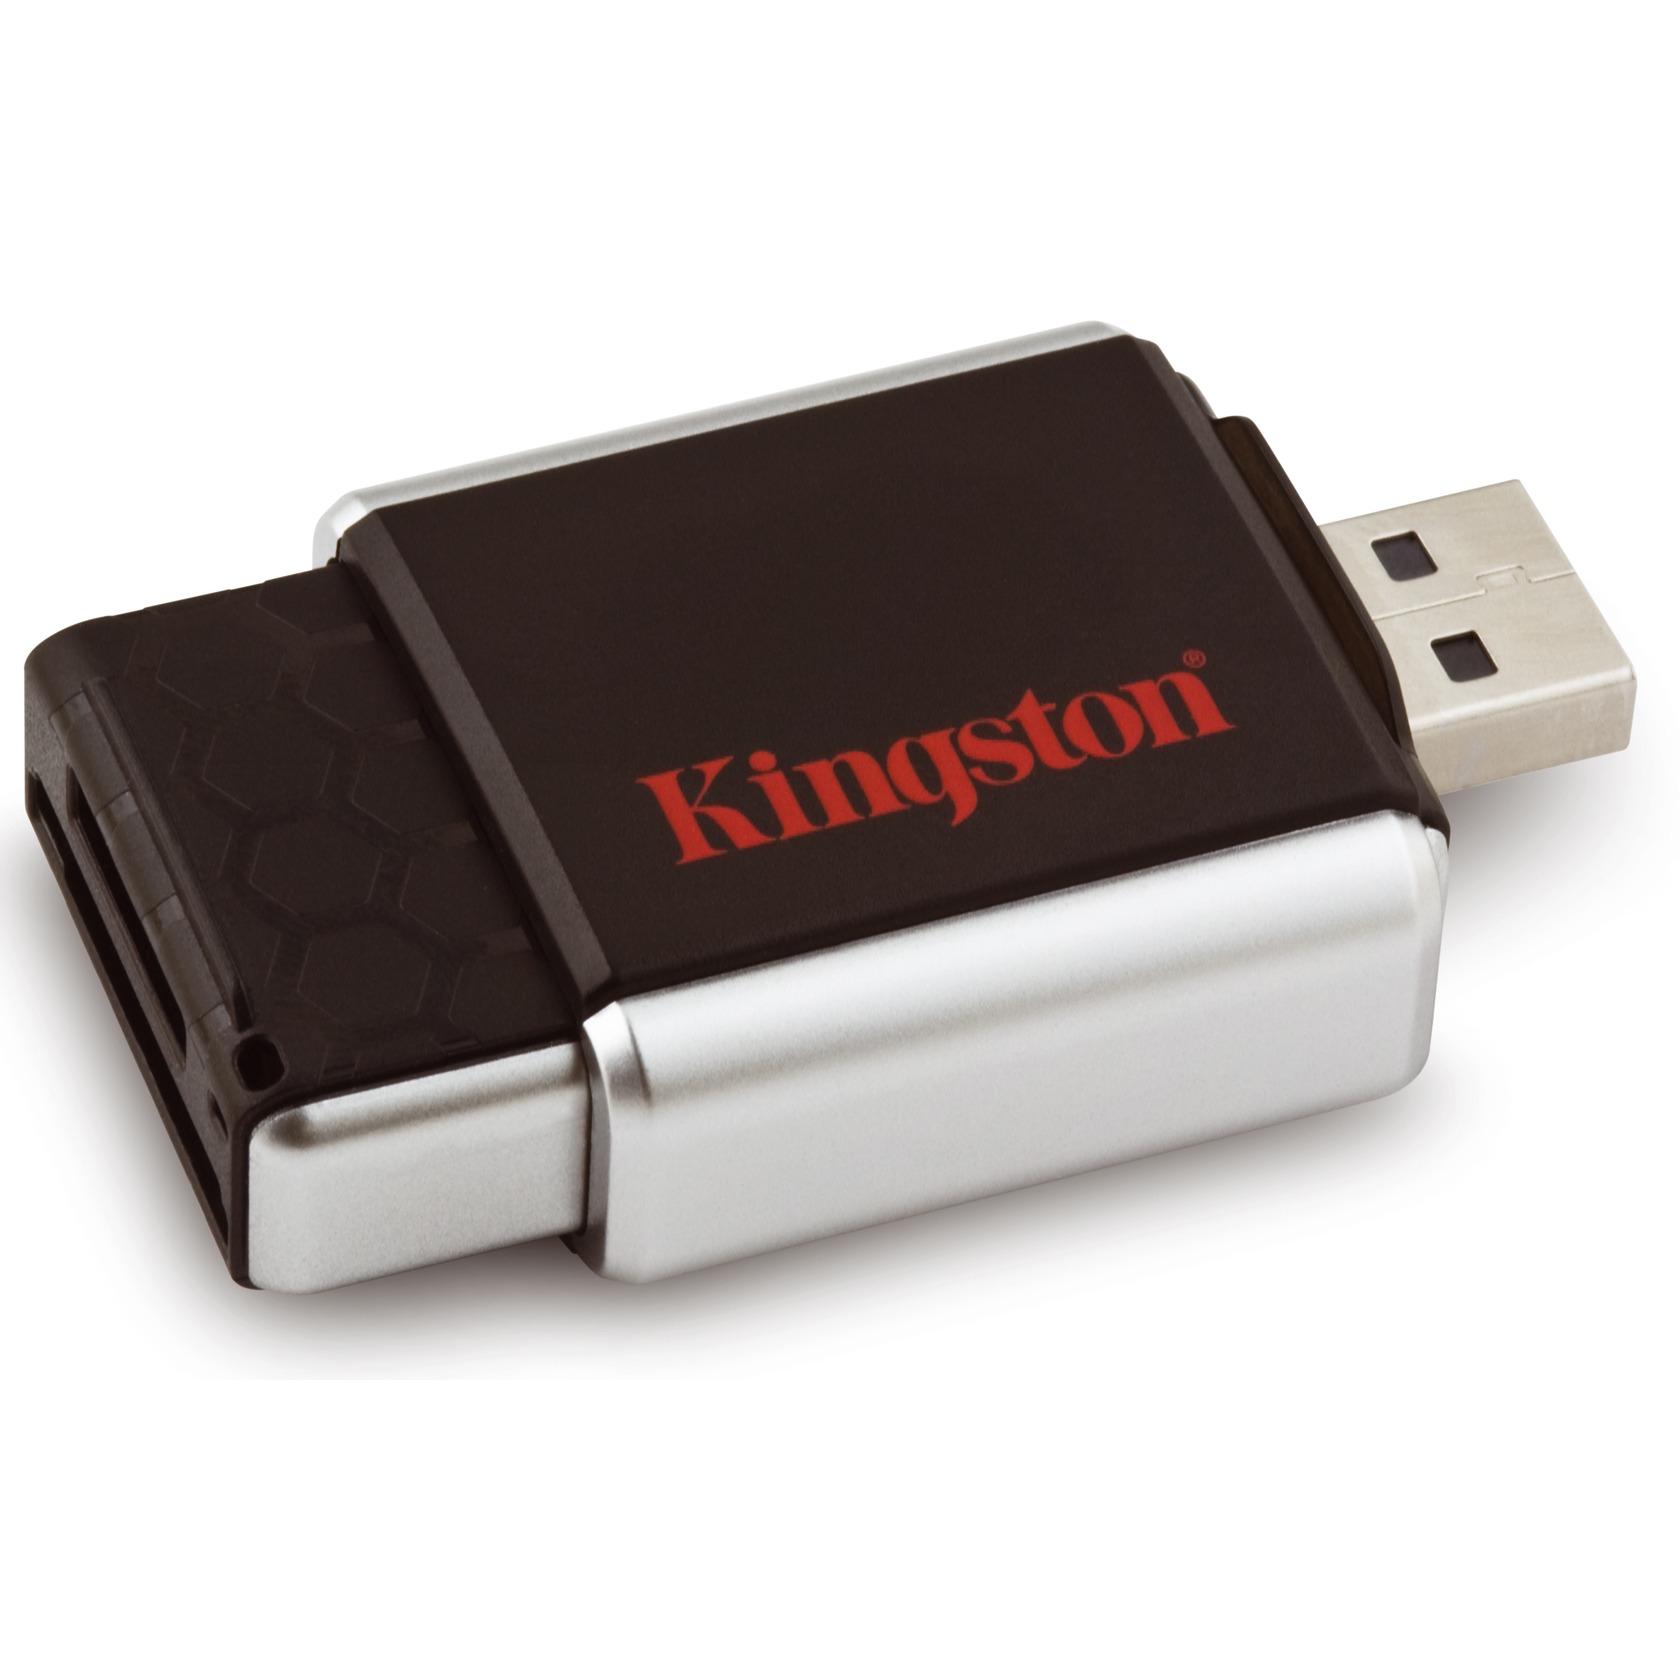 Carte mémoire Kingston lecteur USB MobileLite G2 + SDHC 16 Go Class 4 Kingston lecteur USB MobileLite G2 + SDHC 16 Go Class 4 (garantie 10 ans par Kingston*)